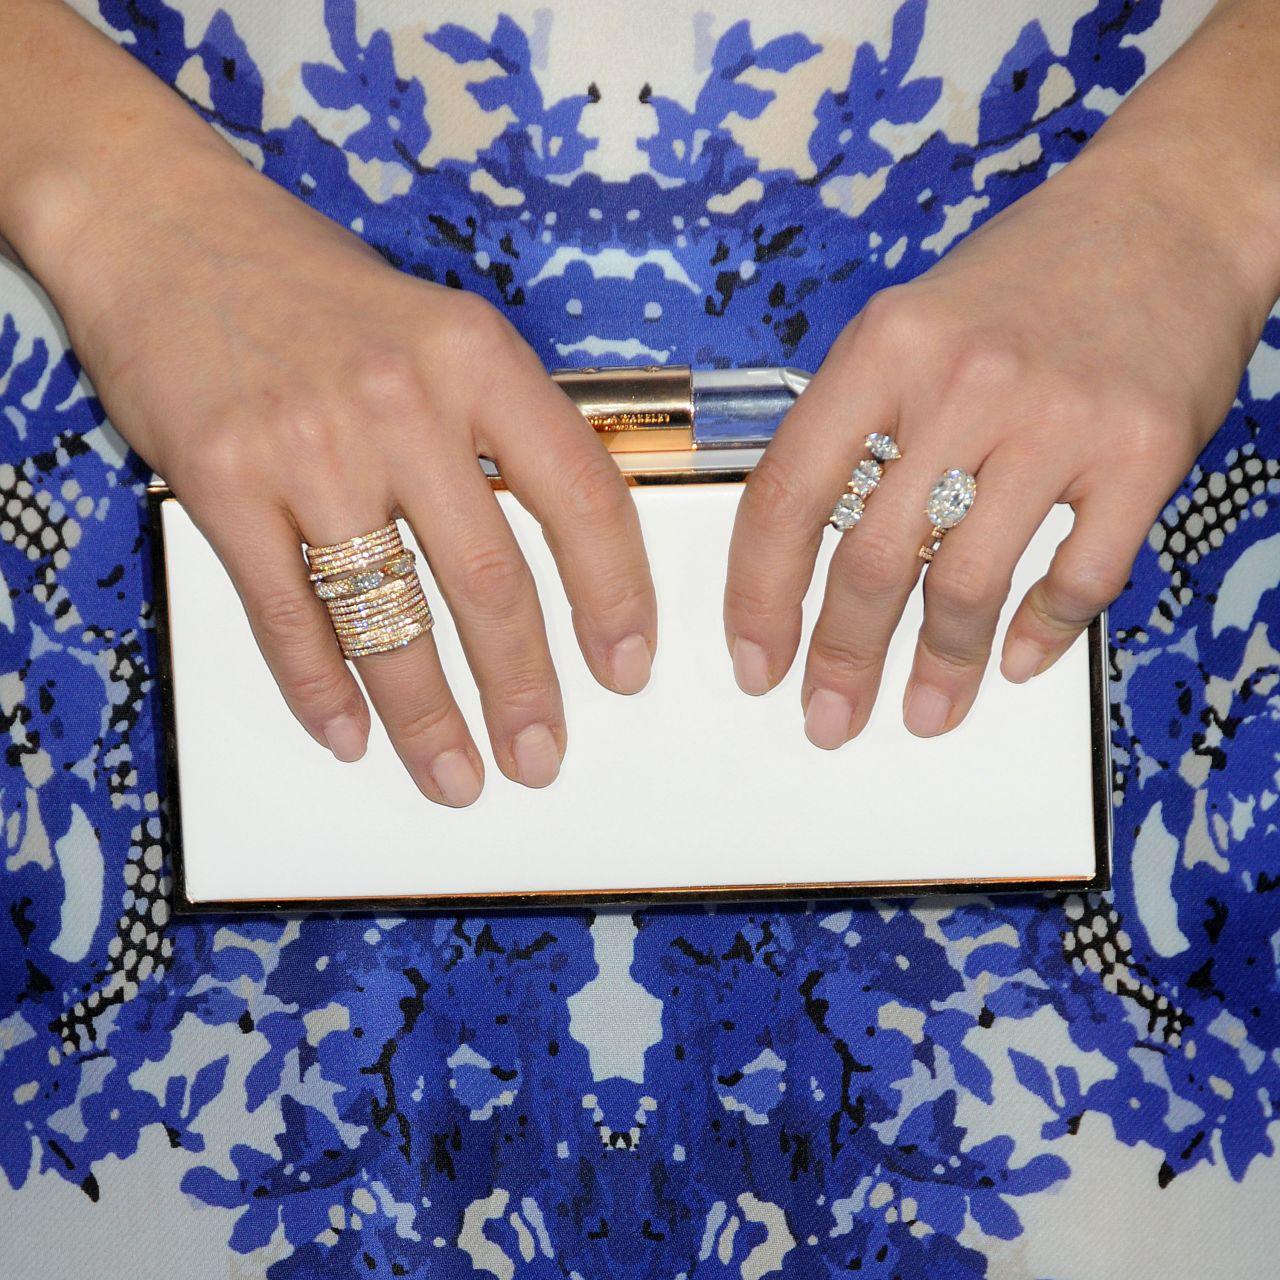 Diane Kruger - 2015 Celebrity Photos